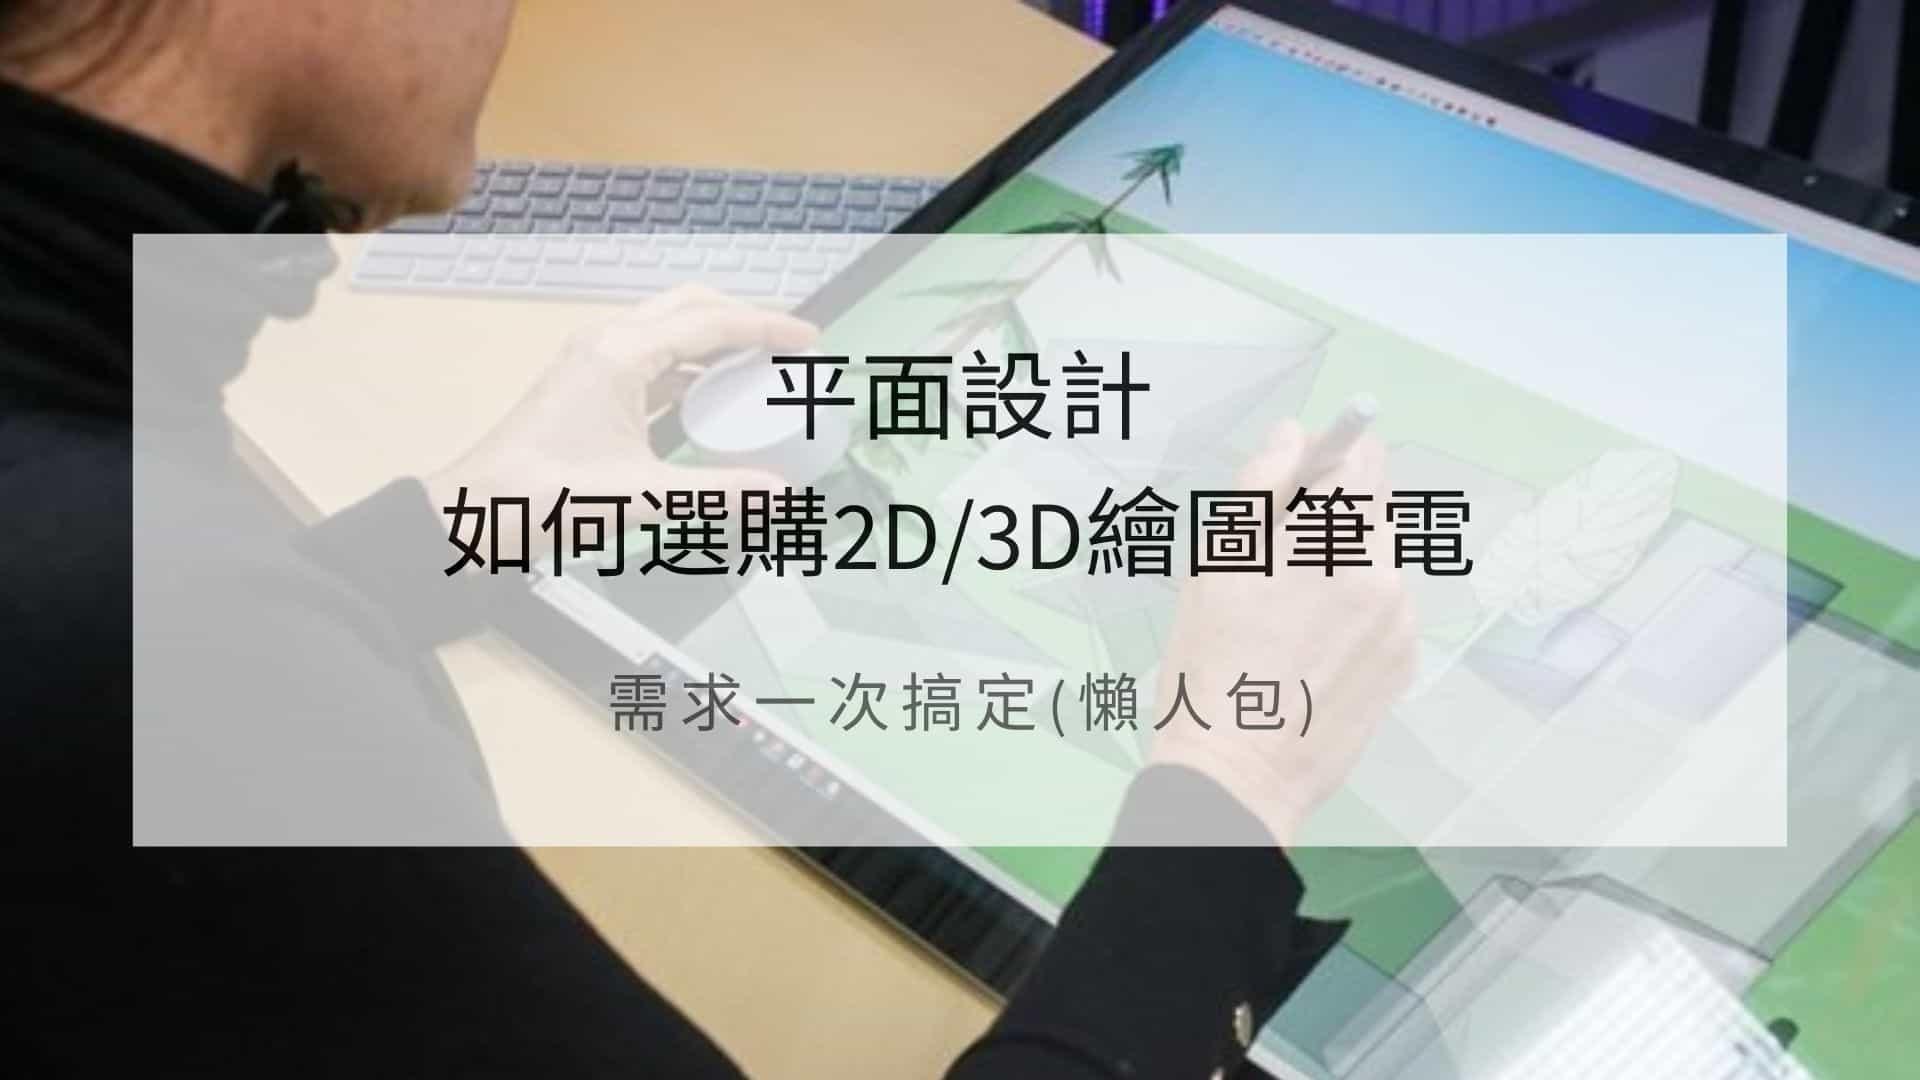 平面設計 筆電 推薦